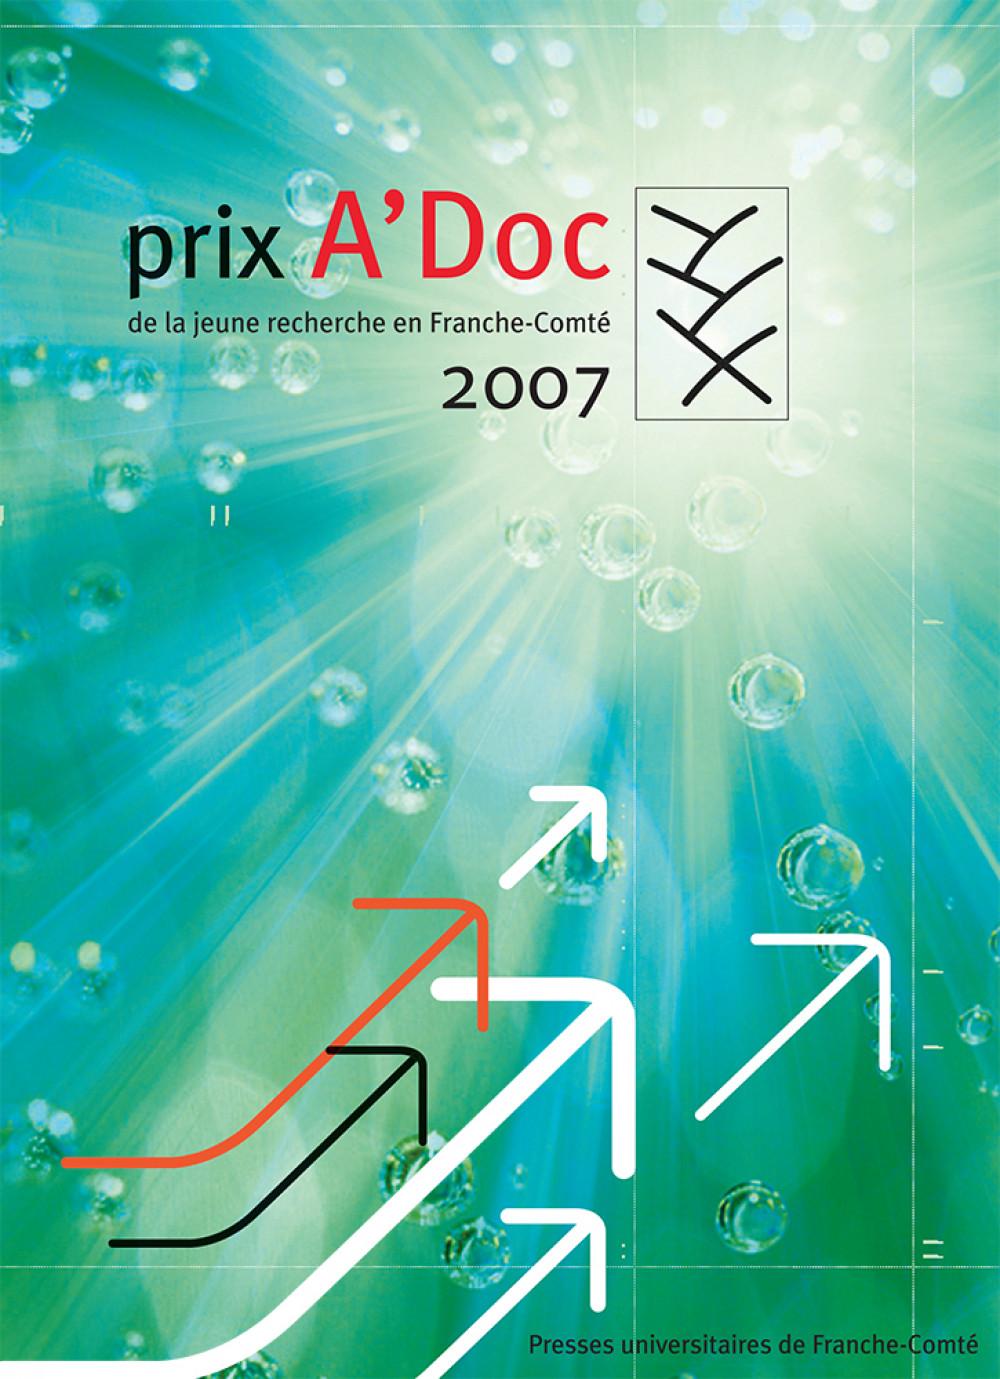 Prix A'Doc de la jeune recherche en Franche-Comté 2007